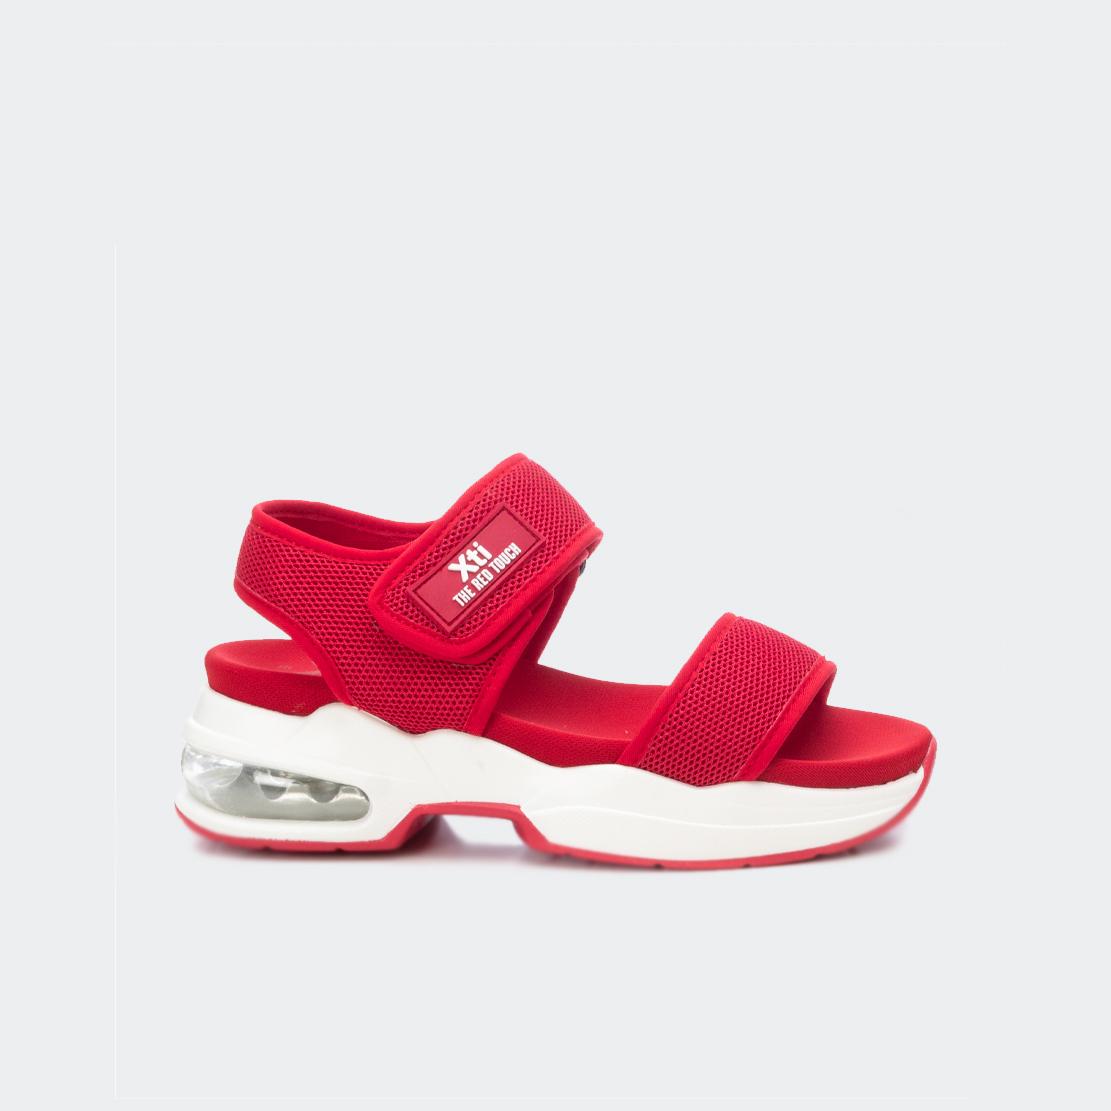 Giày Sandal Nữ Xti Red Textile Ladies Sandals